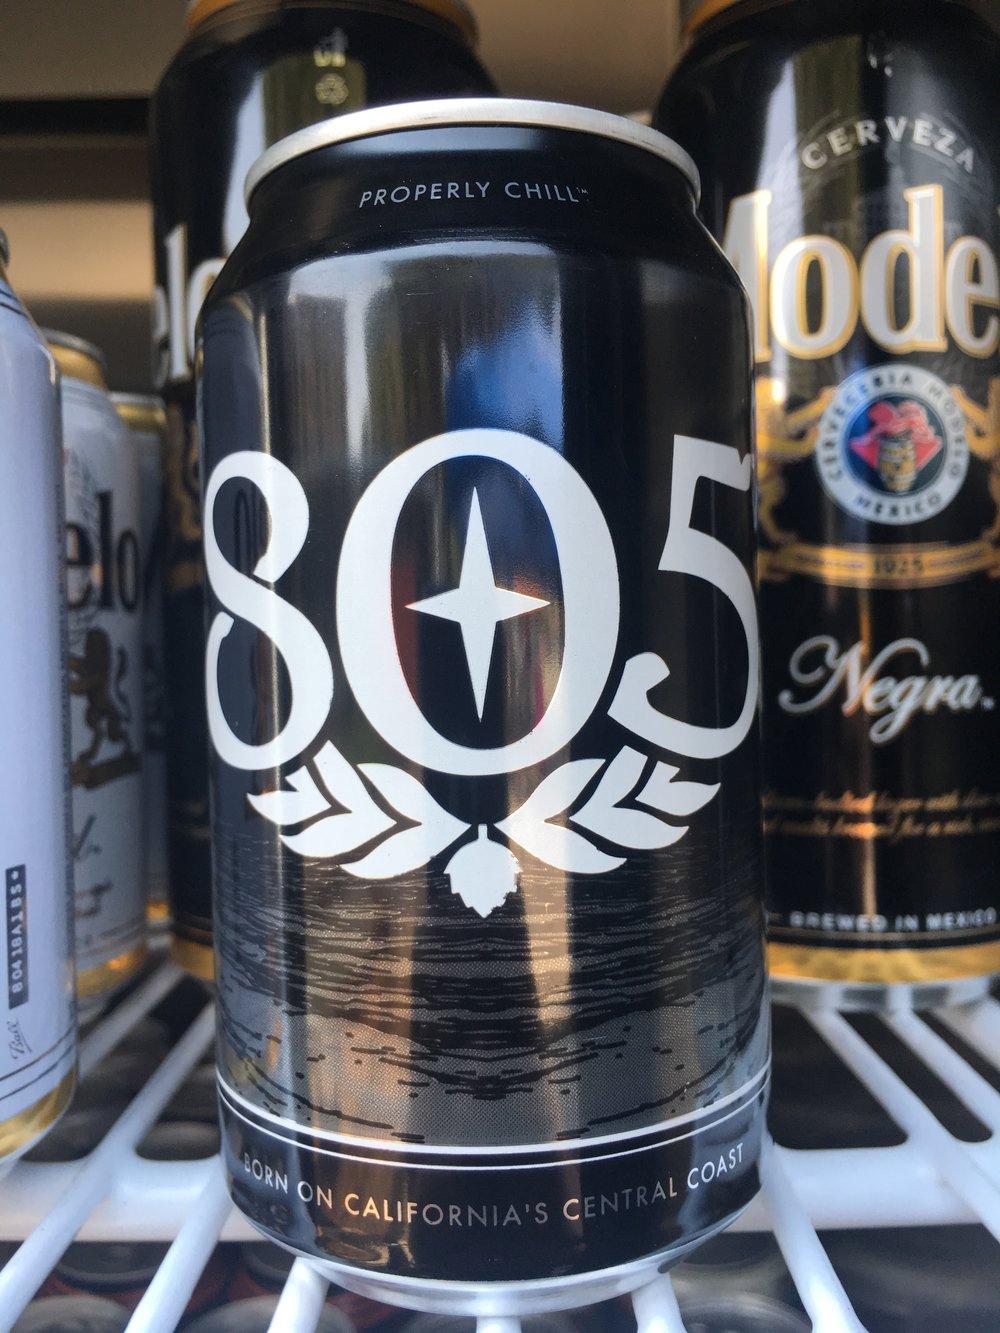 Firestone Walker Brewing - 805 Blonde Ale